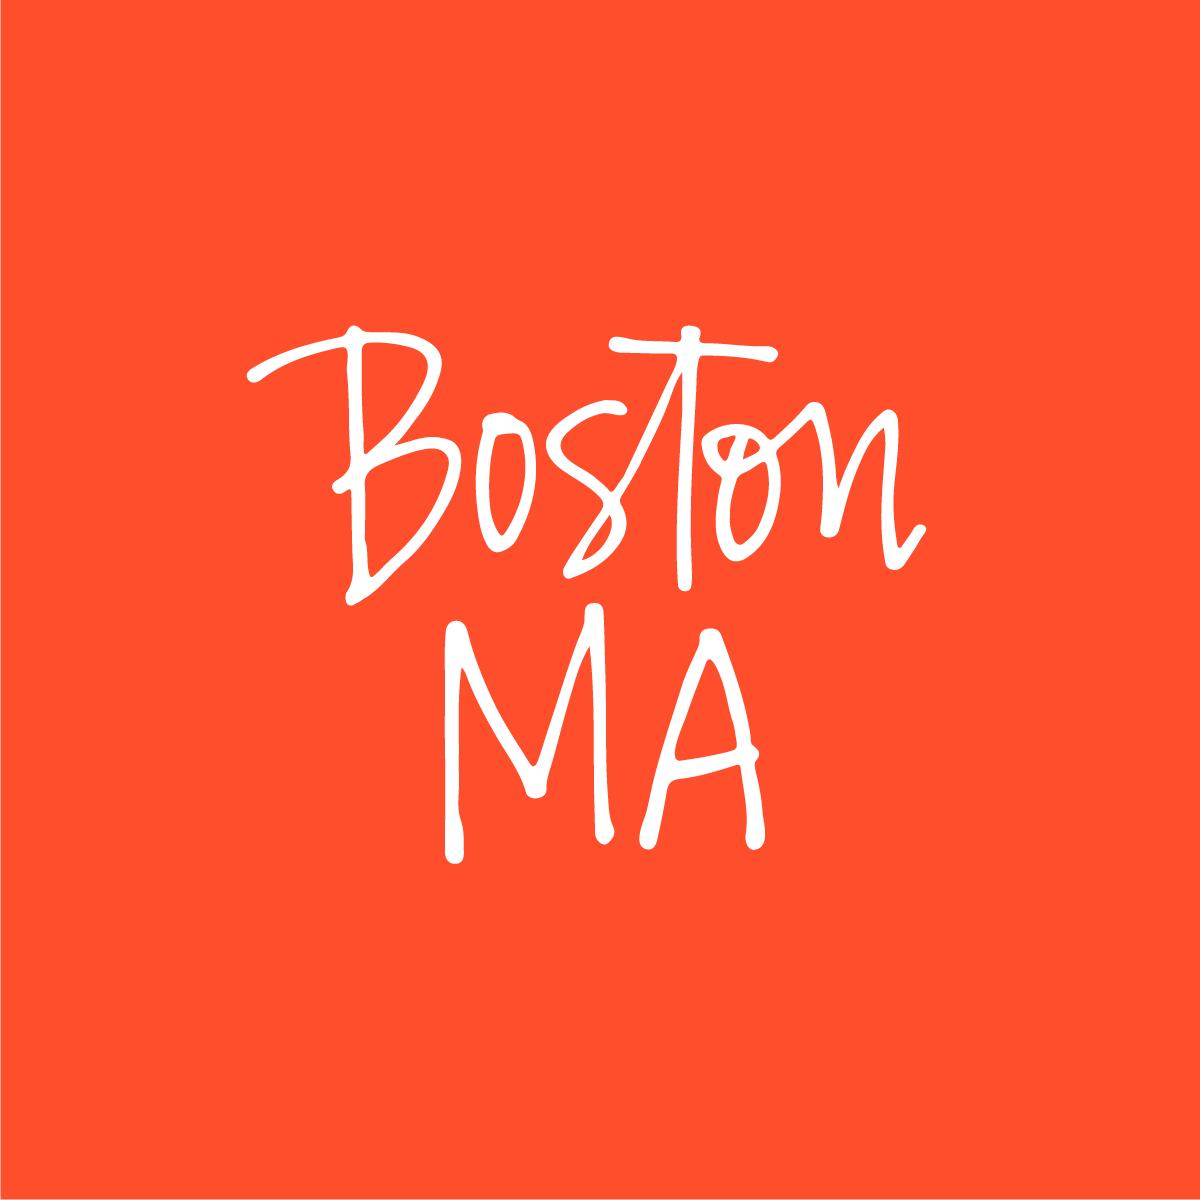 Boston: January 5 – February 13, 2020